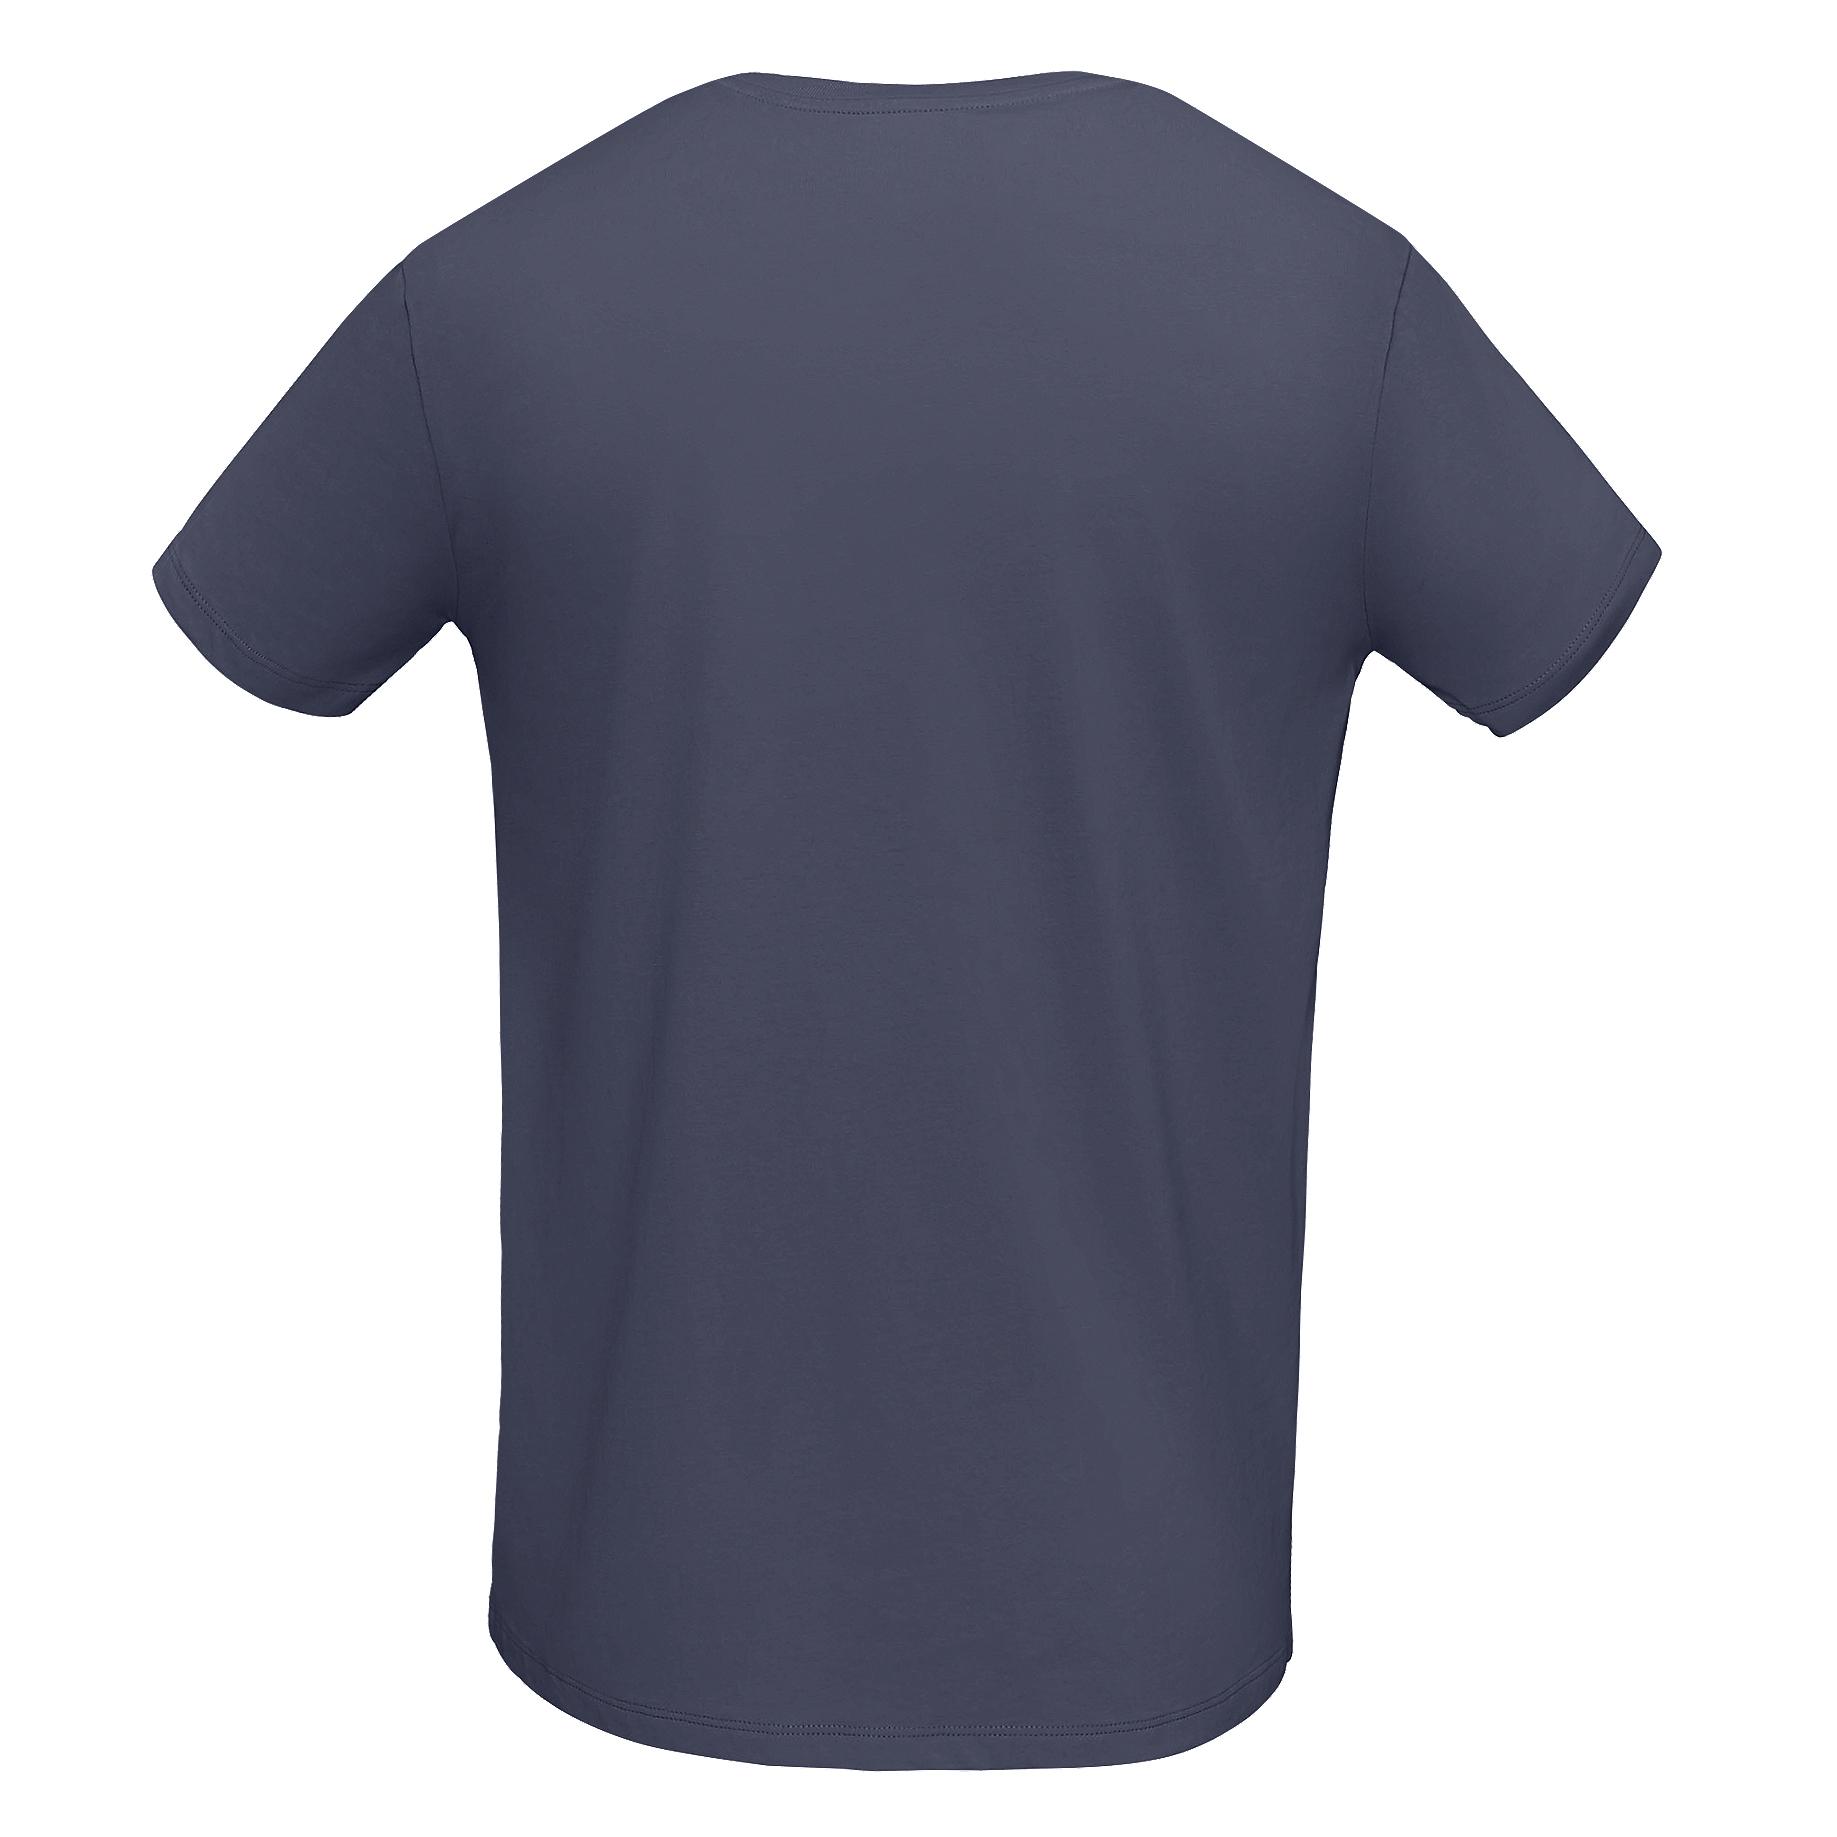 miniature 24 - SOLS - T-shirt manches courtes MARTIN - Homme (PC4084)